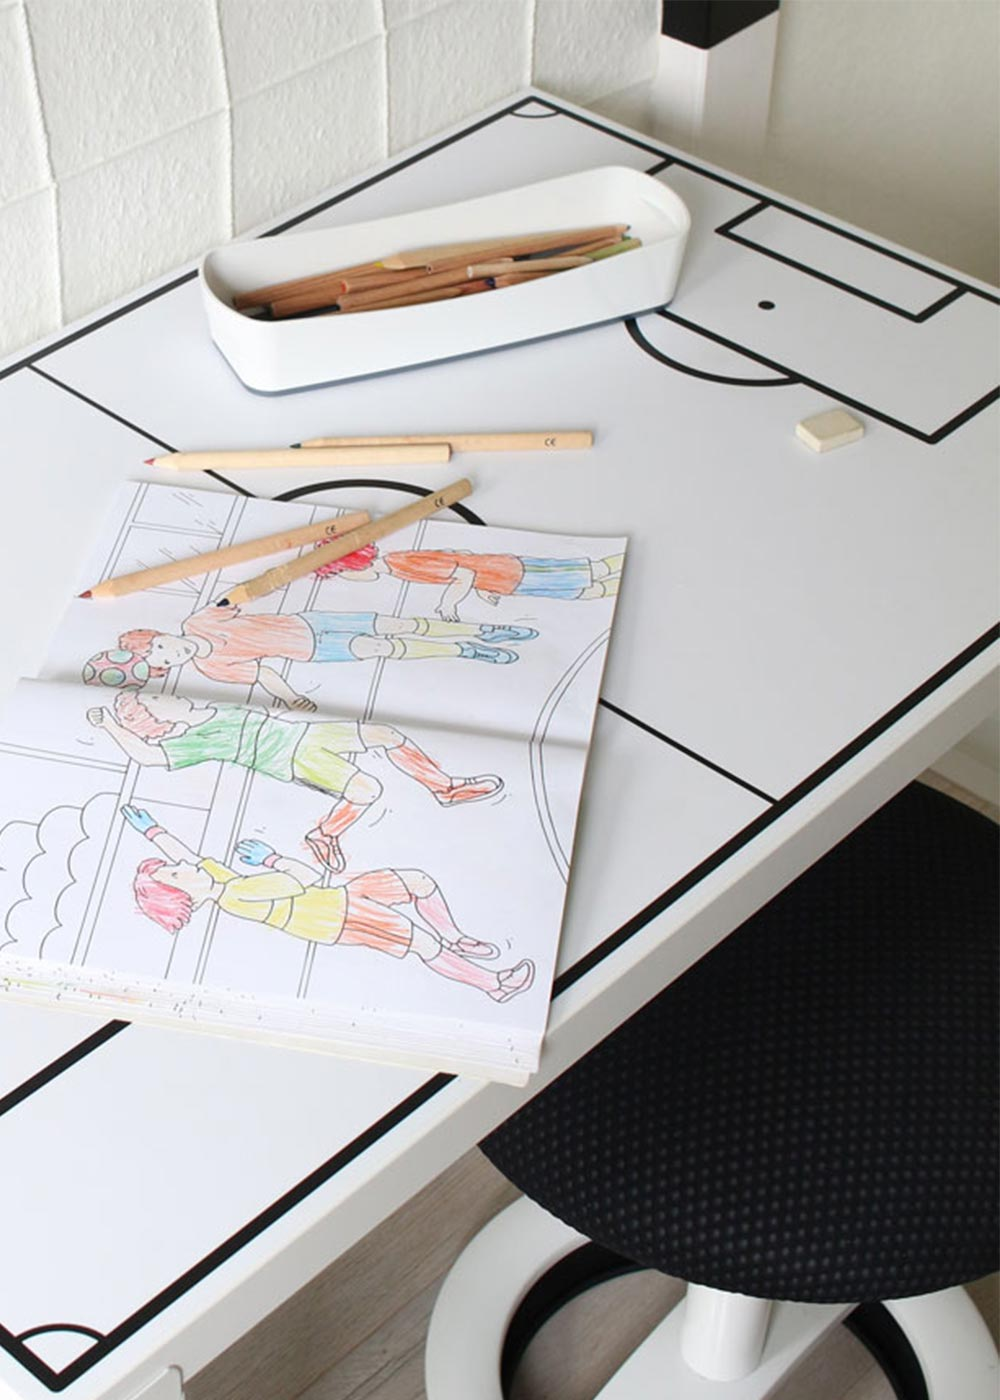 Ikea Linmon Alex Kinderschreibtisch Fussballfeld weiss Teilansicht